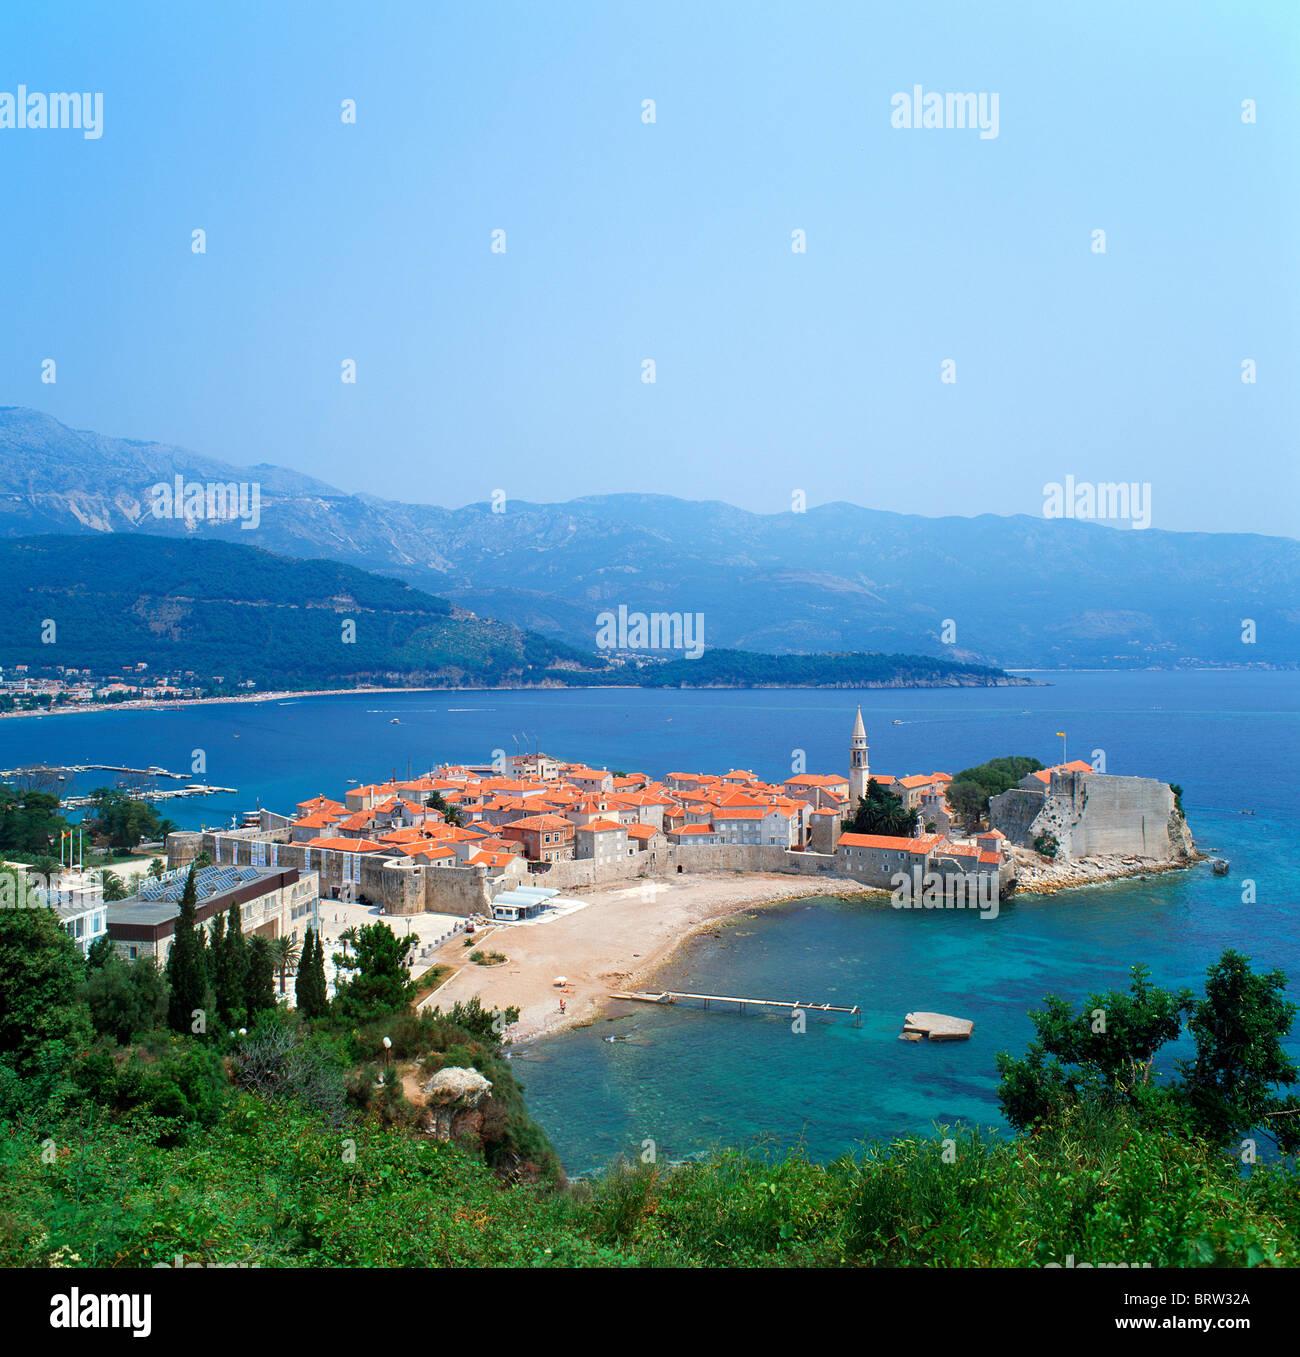 Old town, Budva, Montenegro Stock Photo